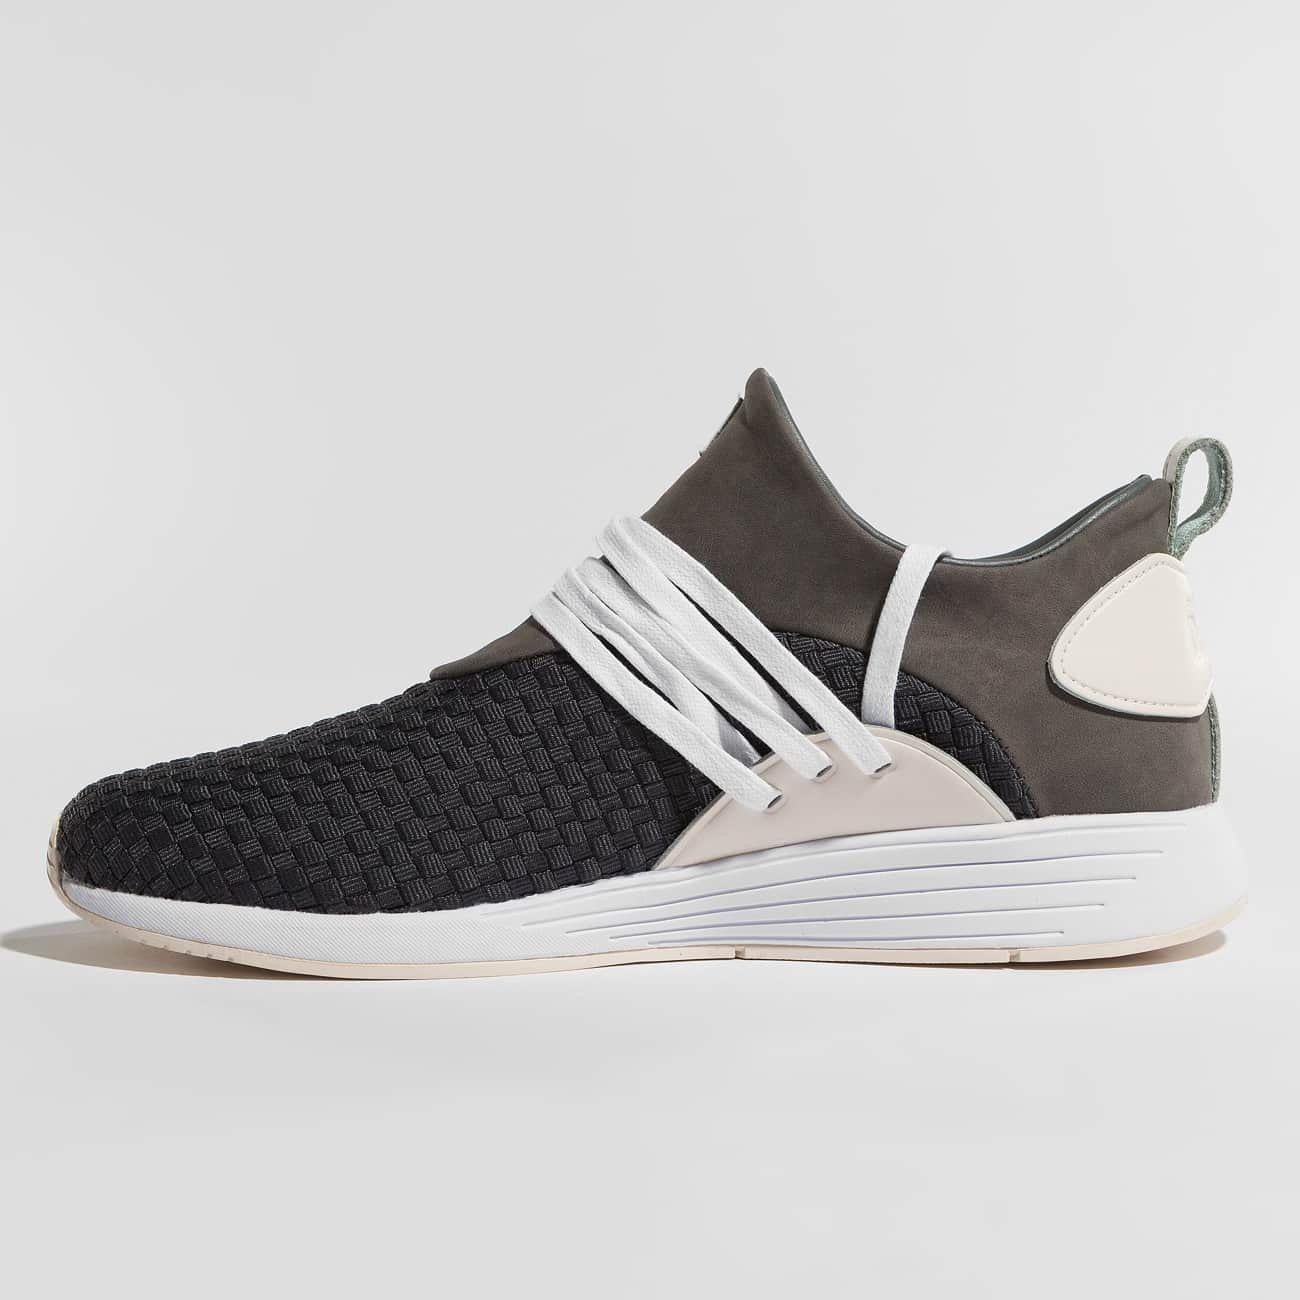 PROJECT DELRAY Herren - Sneaker grau 42 1/2 - Herren 159bea